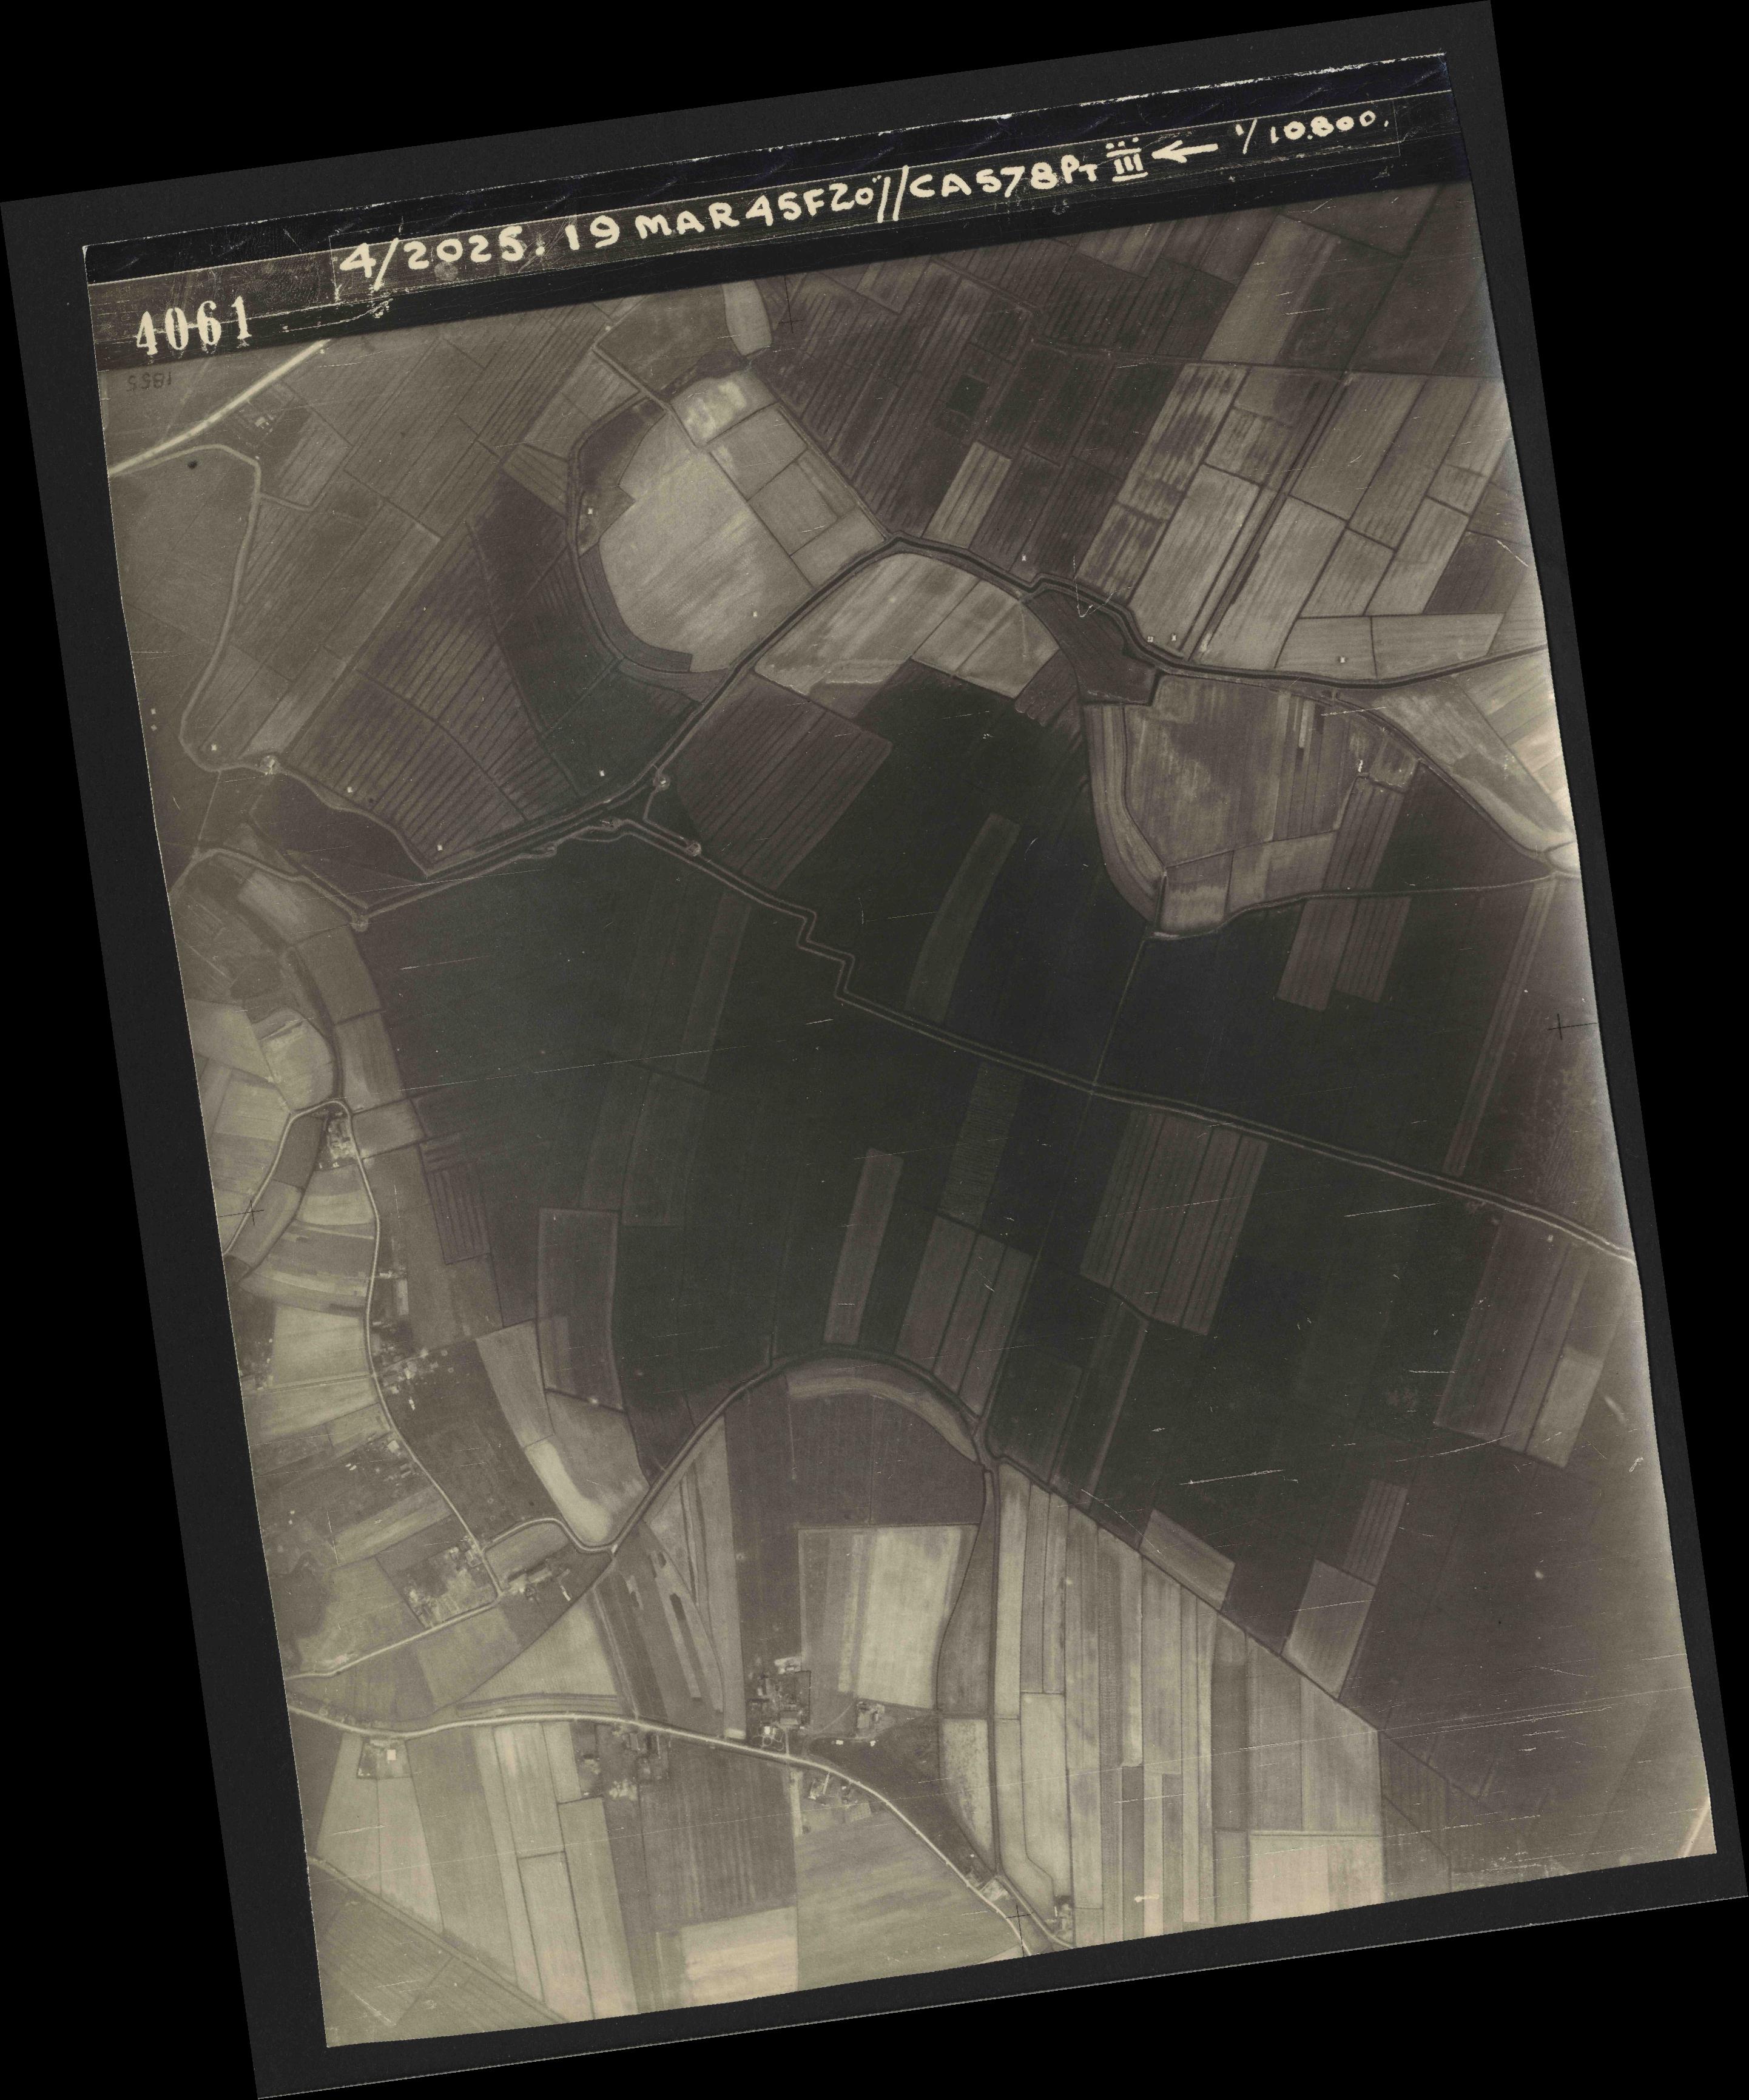 Collection RAF aerial photos 1940-1945 - flight 094, run 07, photo 4061